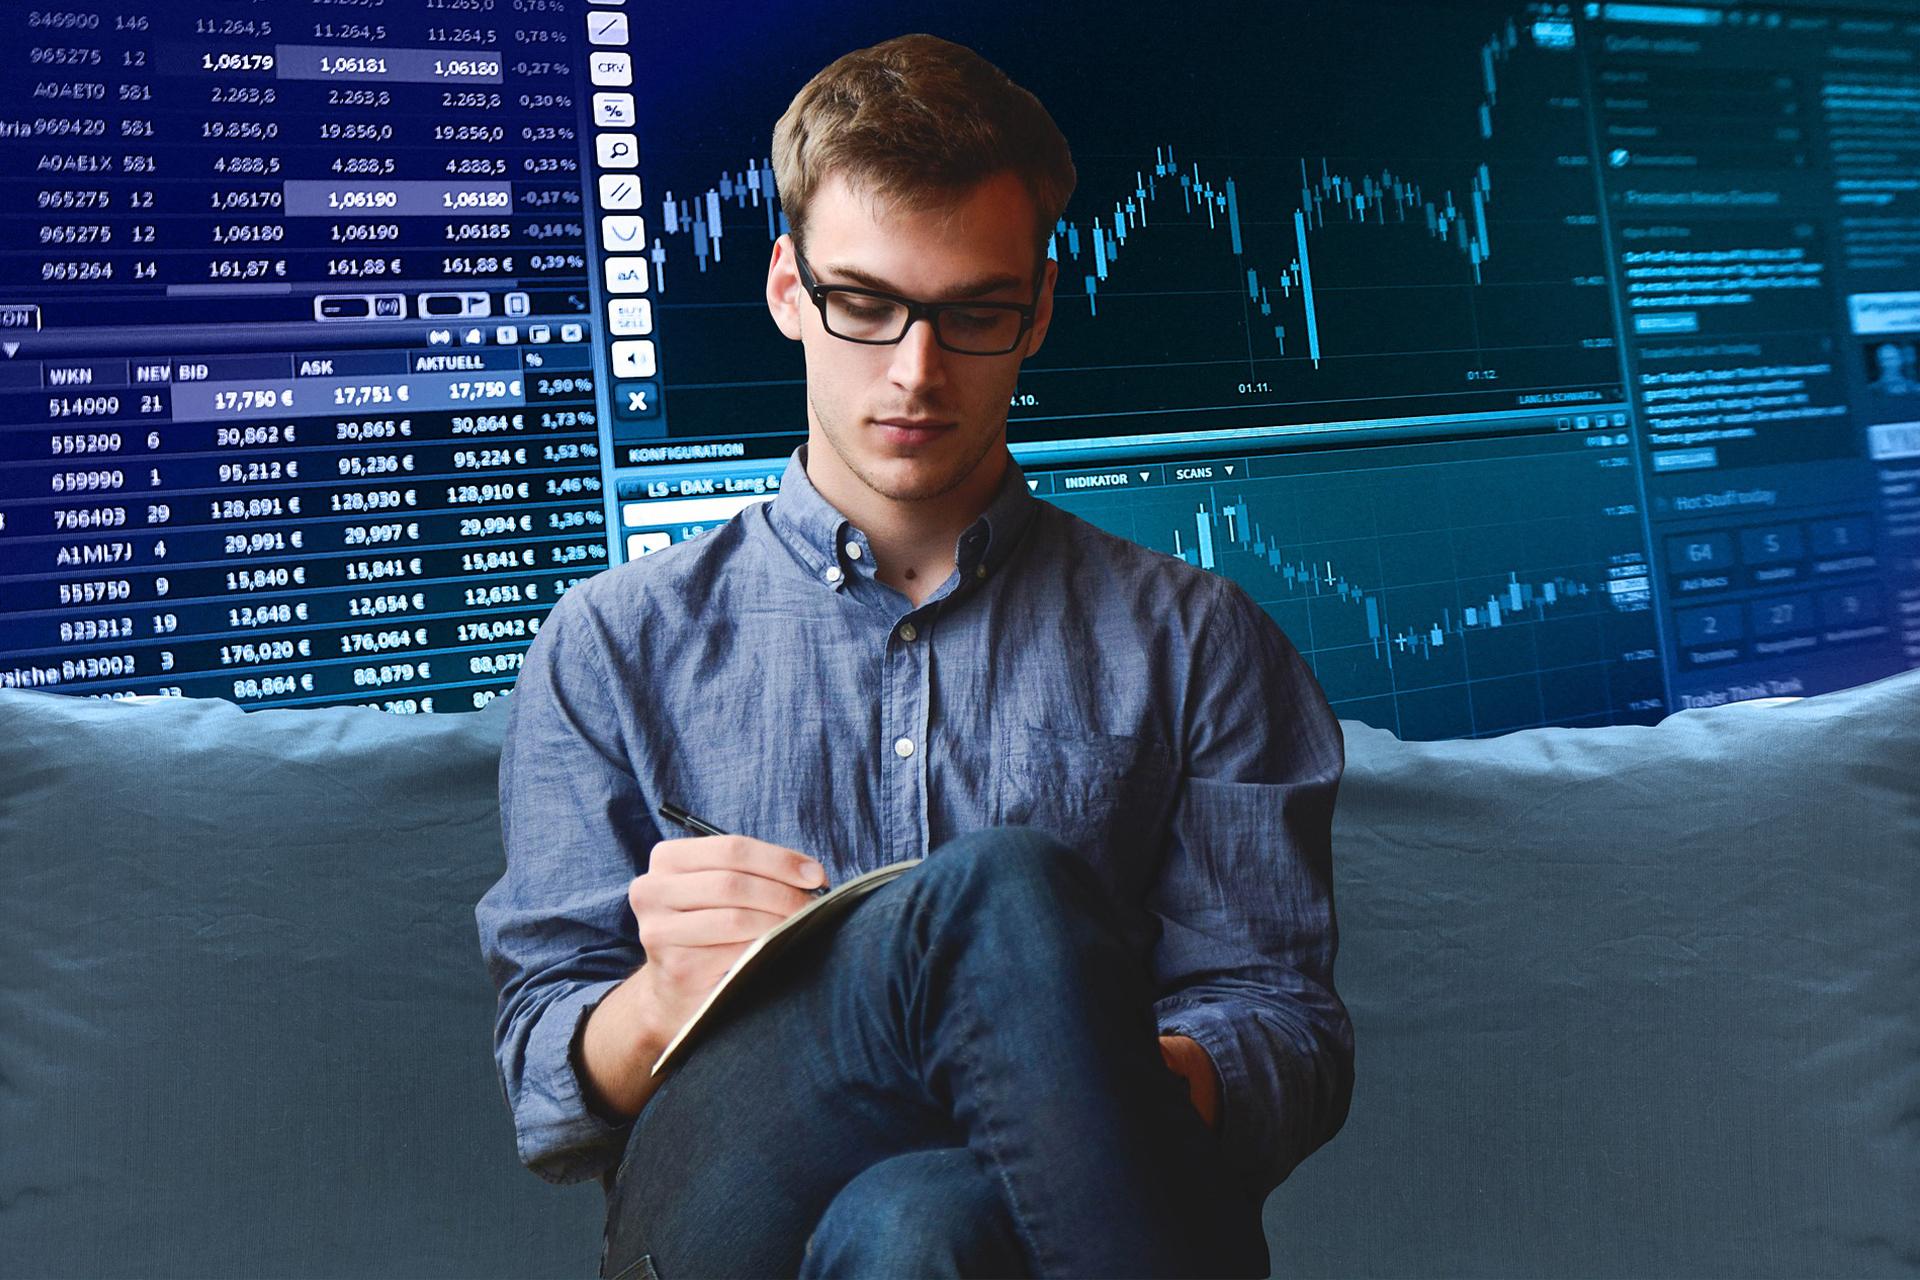 Institutional Investor назвал «ВТБ Капитал» лучшей компанией по анализу рынка ценных бумаг акций и облигаций в России